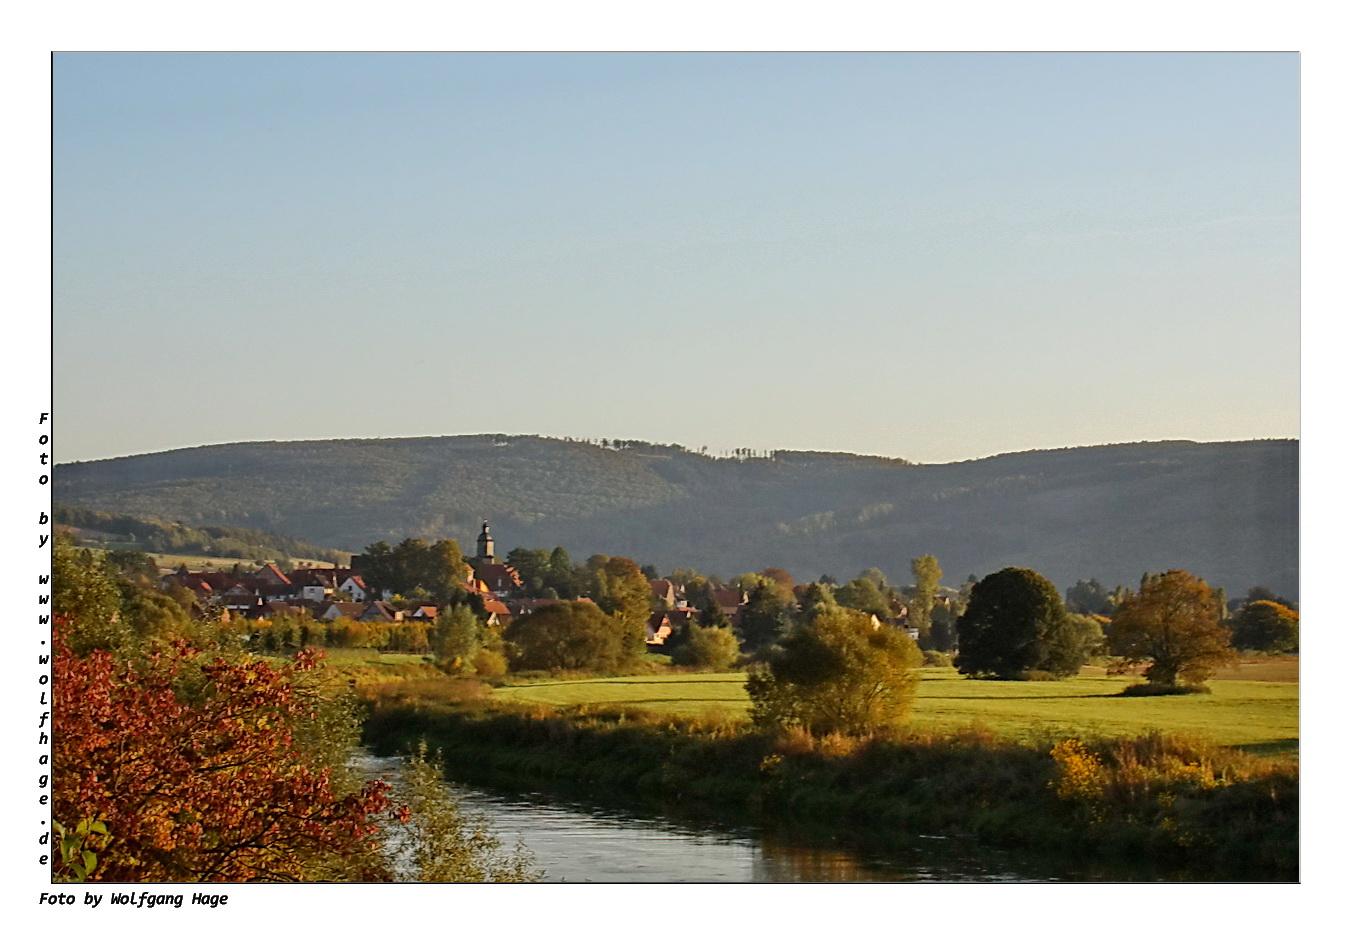 Herbst an der Weser